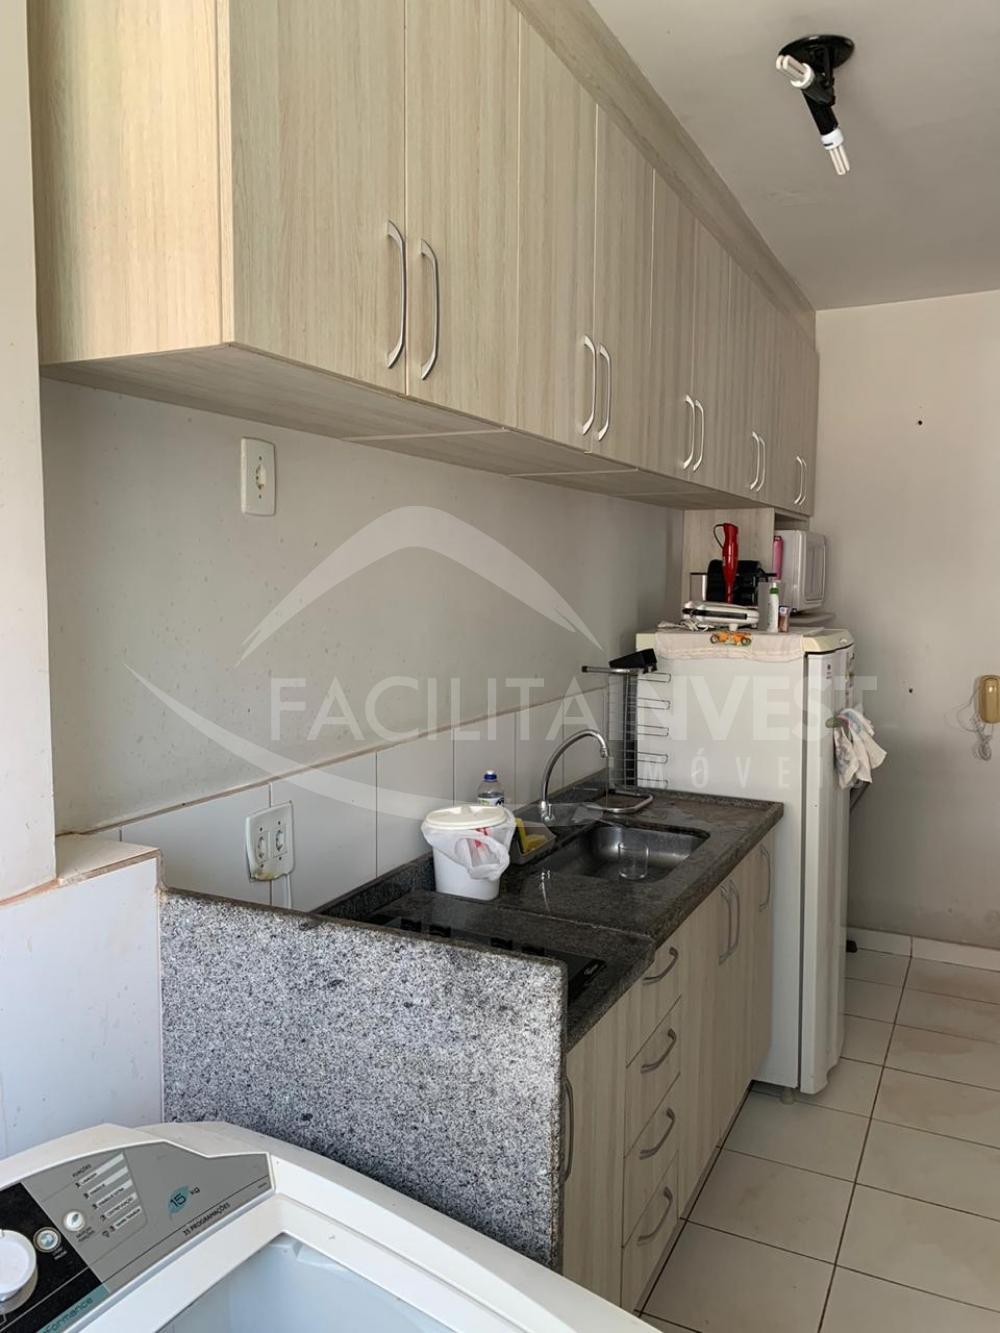 Comprar Apartamentos / Apart. Padrão em Ribeirão Preto apenas R$ 217.000,00 - Foto 4